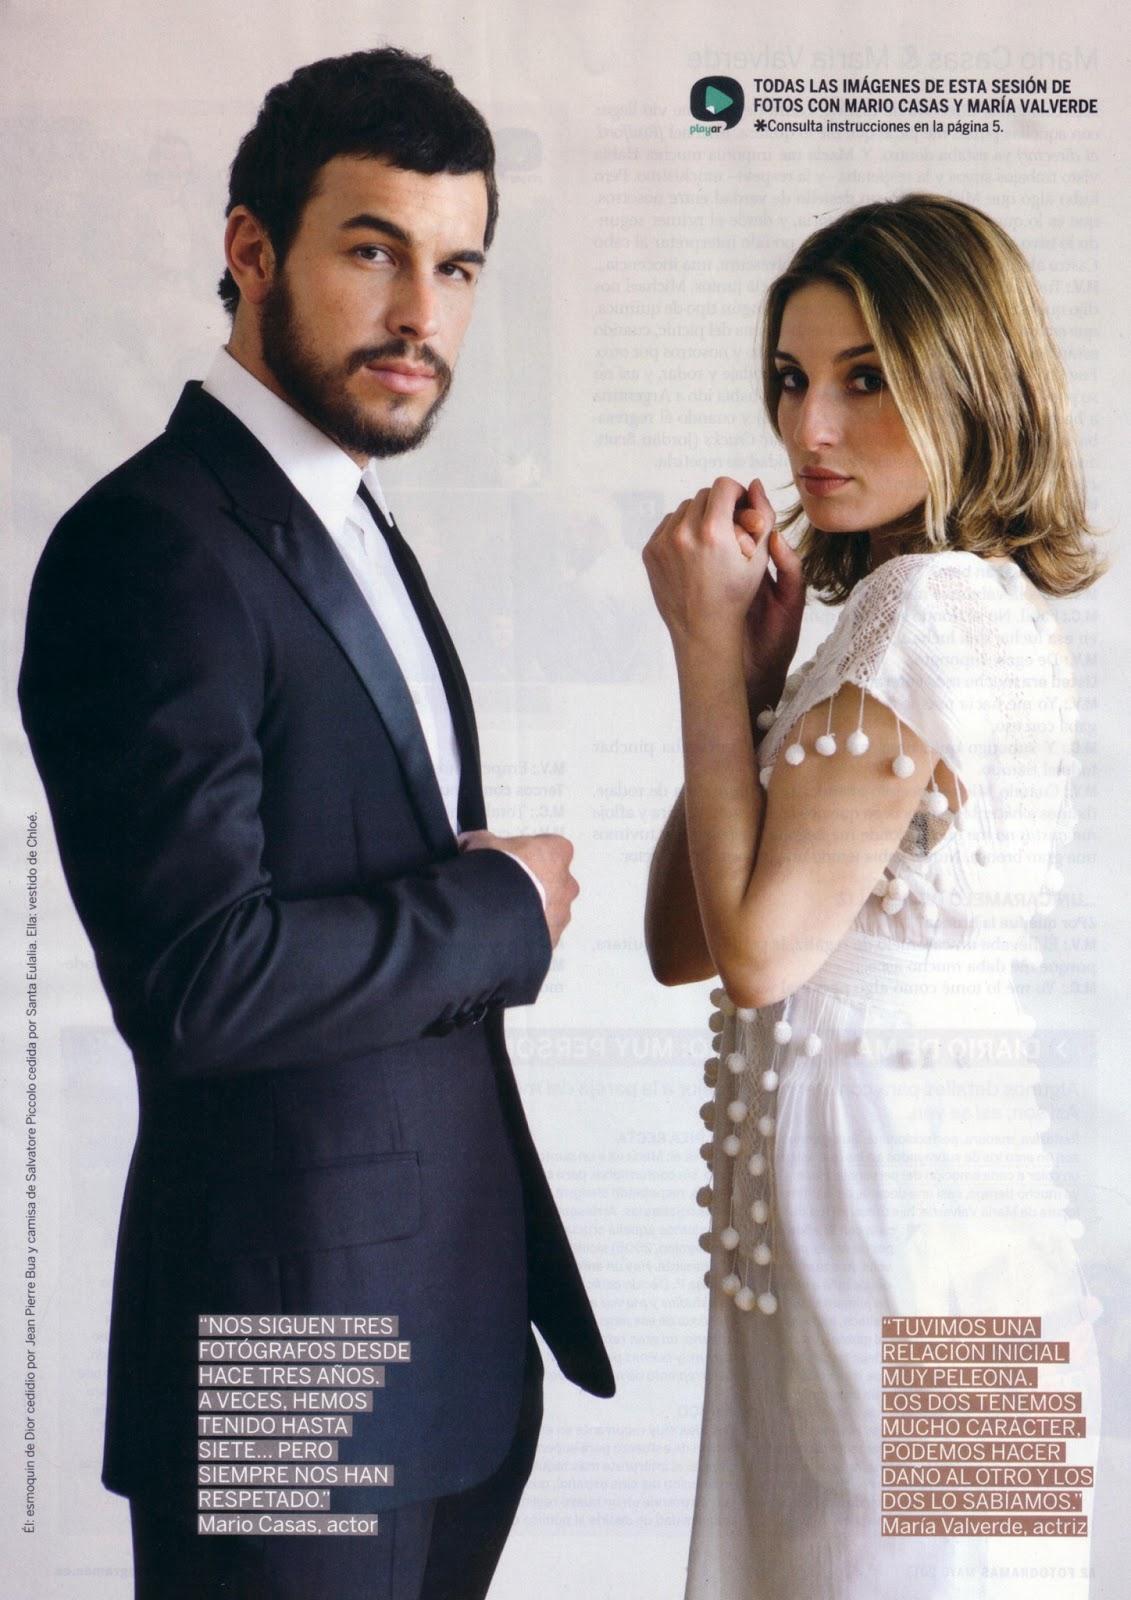 Mario Casas: Mario Casas y María Valverde en la revista Fotogramas